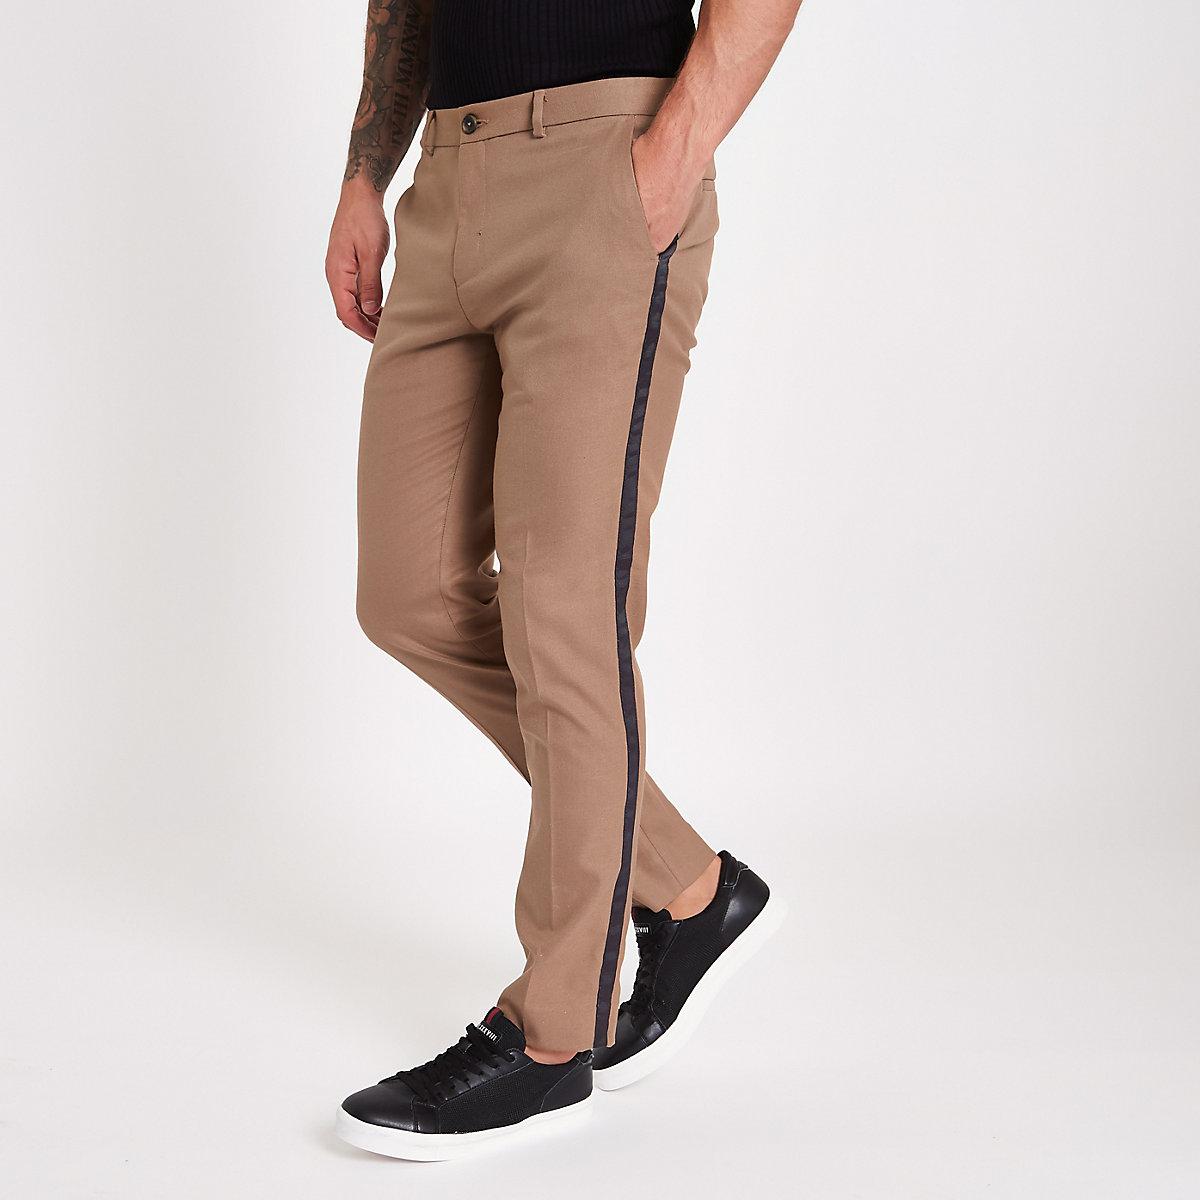 Brown tape side skinny fit pants